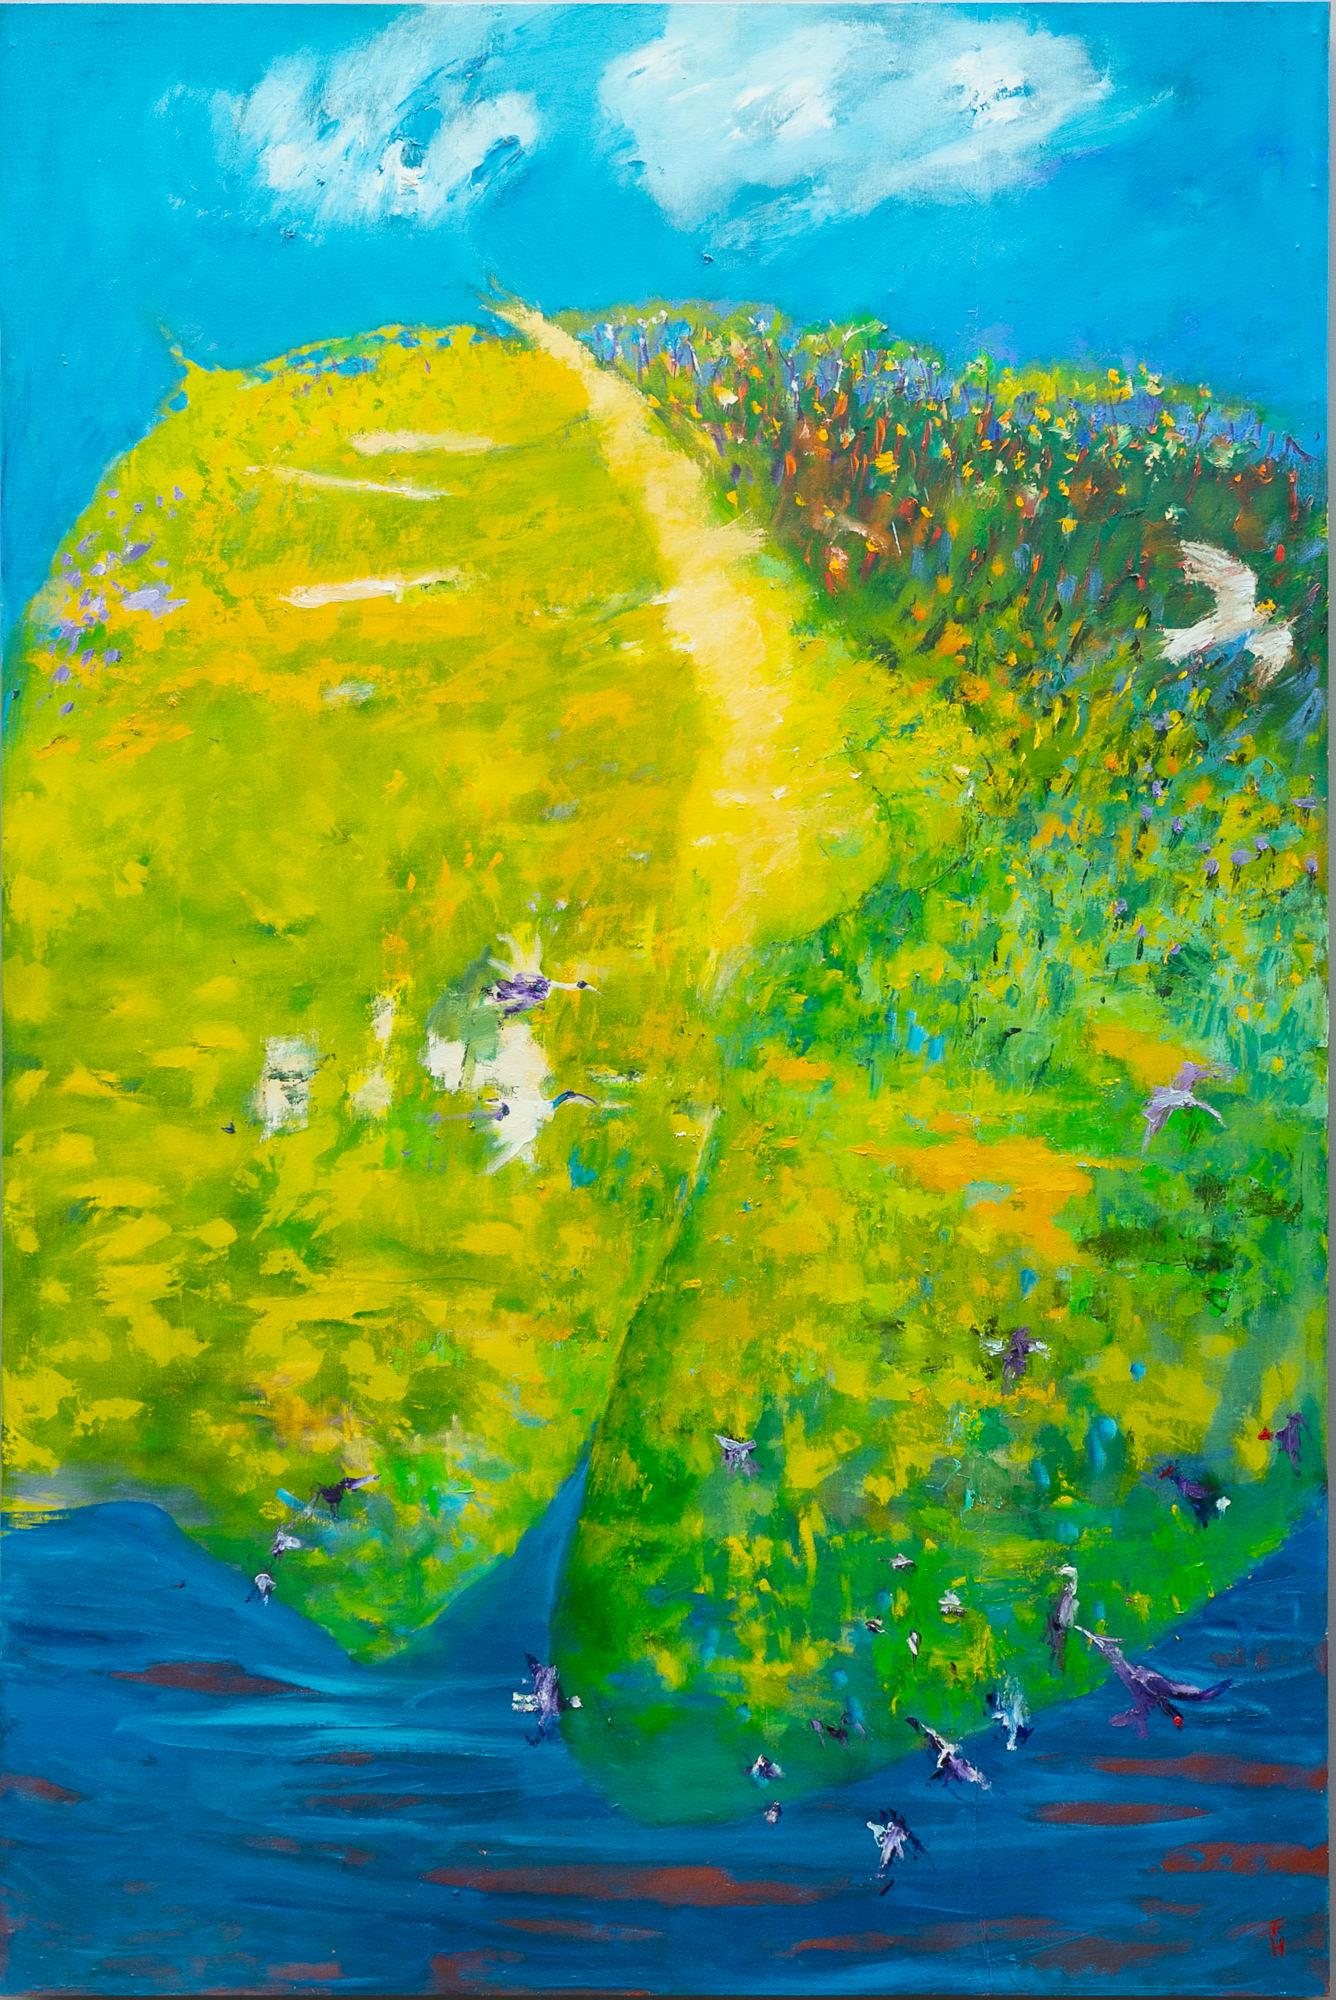 'Frank Hodgkinson (1919-2001) Four Seasons - Spring 1993, Oil on Linen Board '